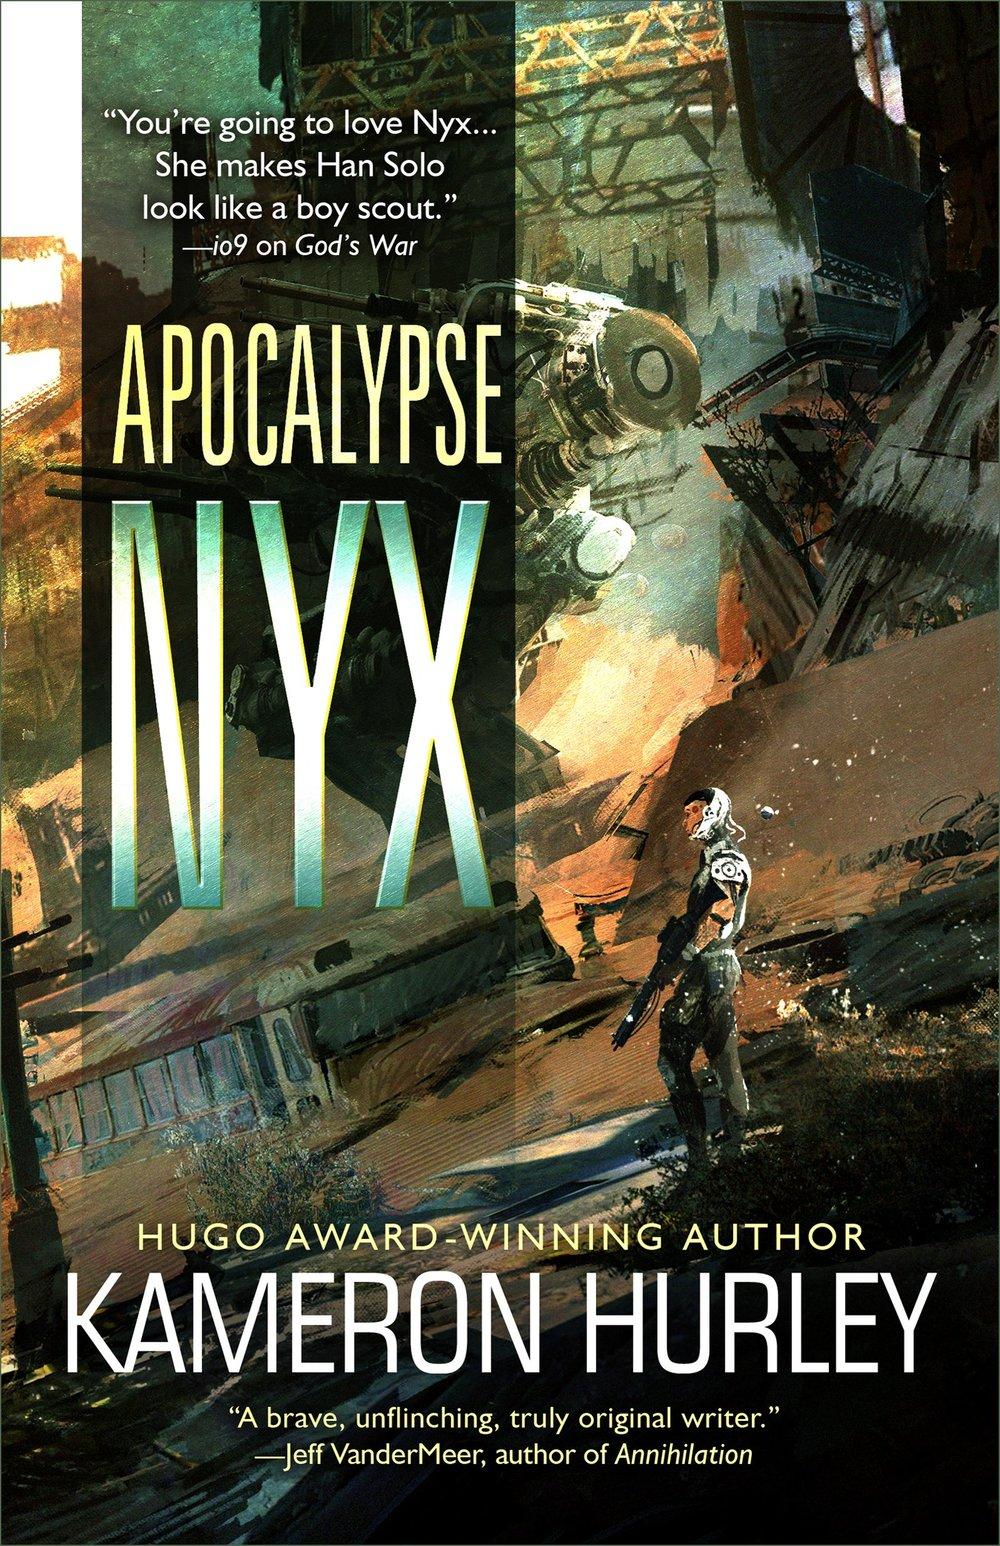 Apocalypse Nyx-Kameron Hurley.jpg